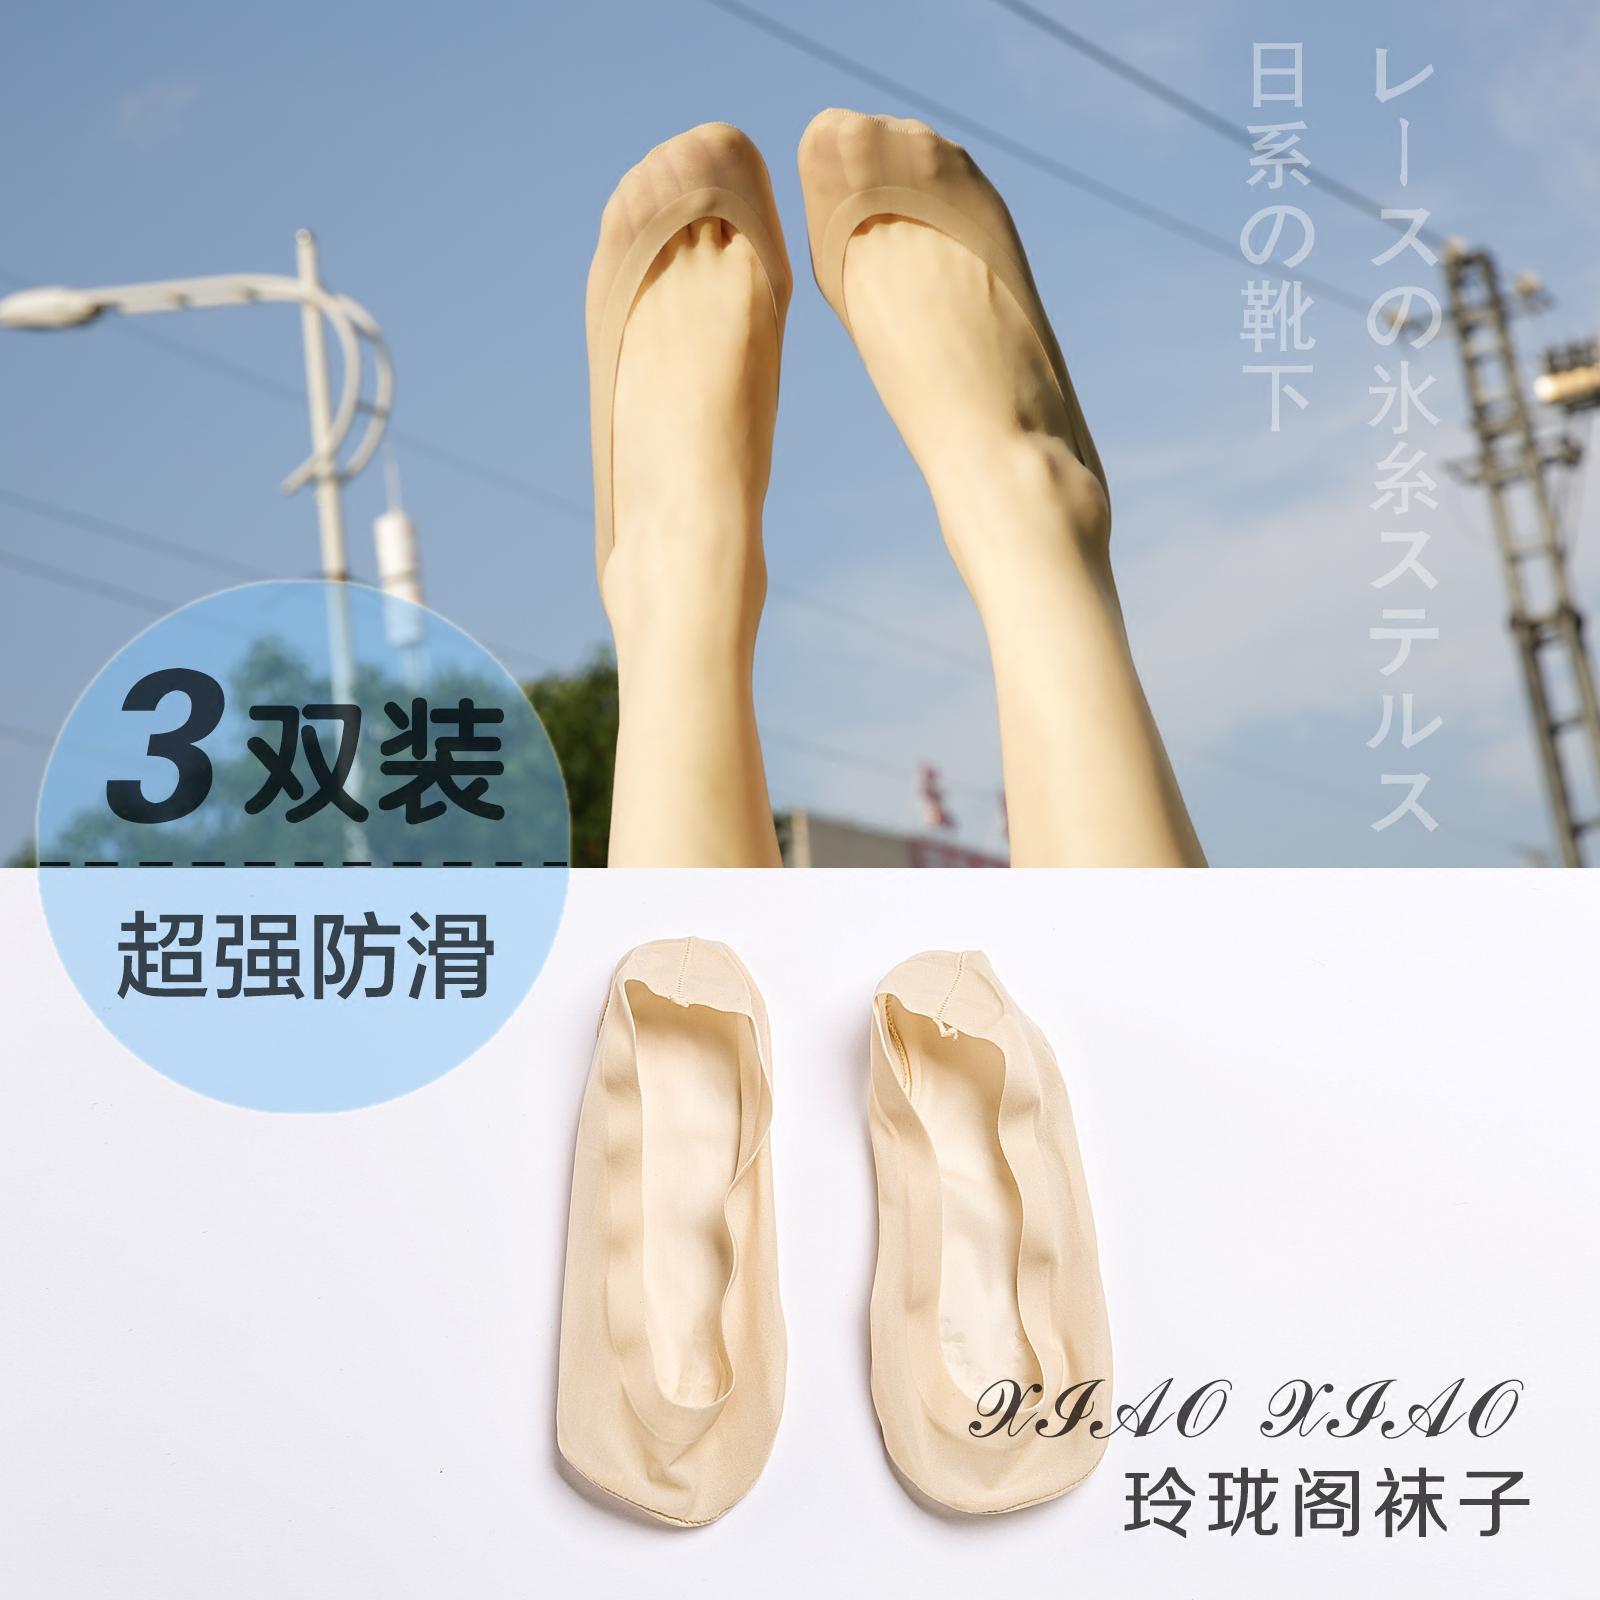 韩国冰丝袜全隐形袜船袜底女学生浅口硅胶防滑短袜夏季薄款脚底袜